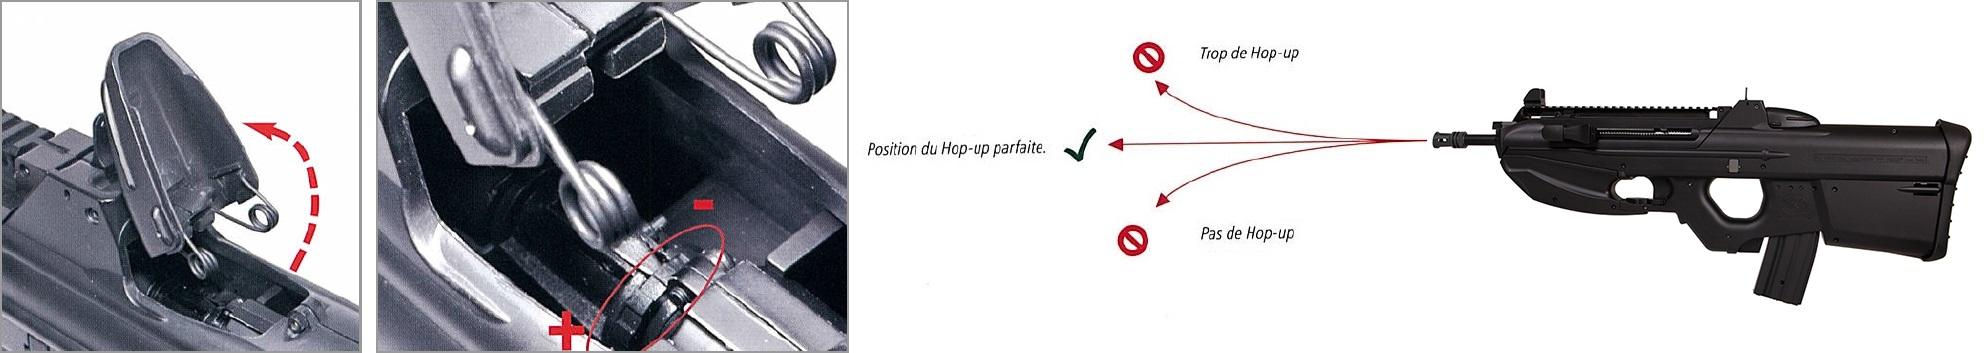 catalogue description article 3559962009608 fr imageresize 35